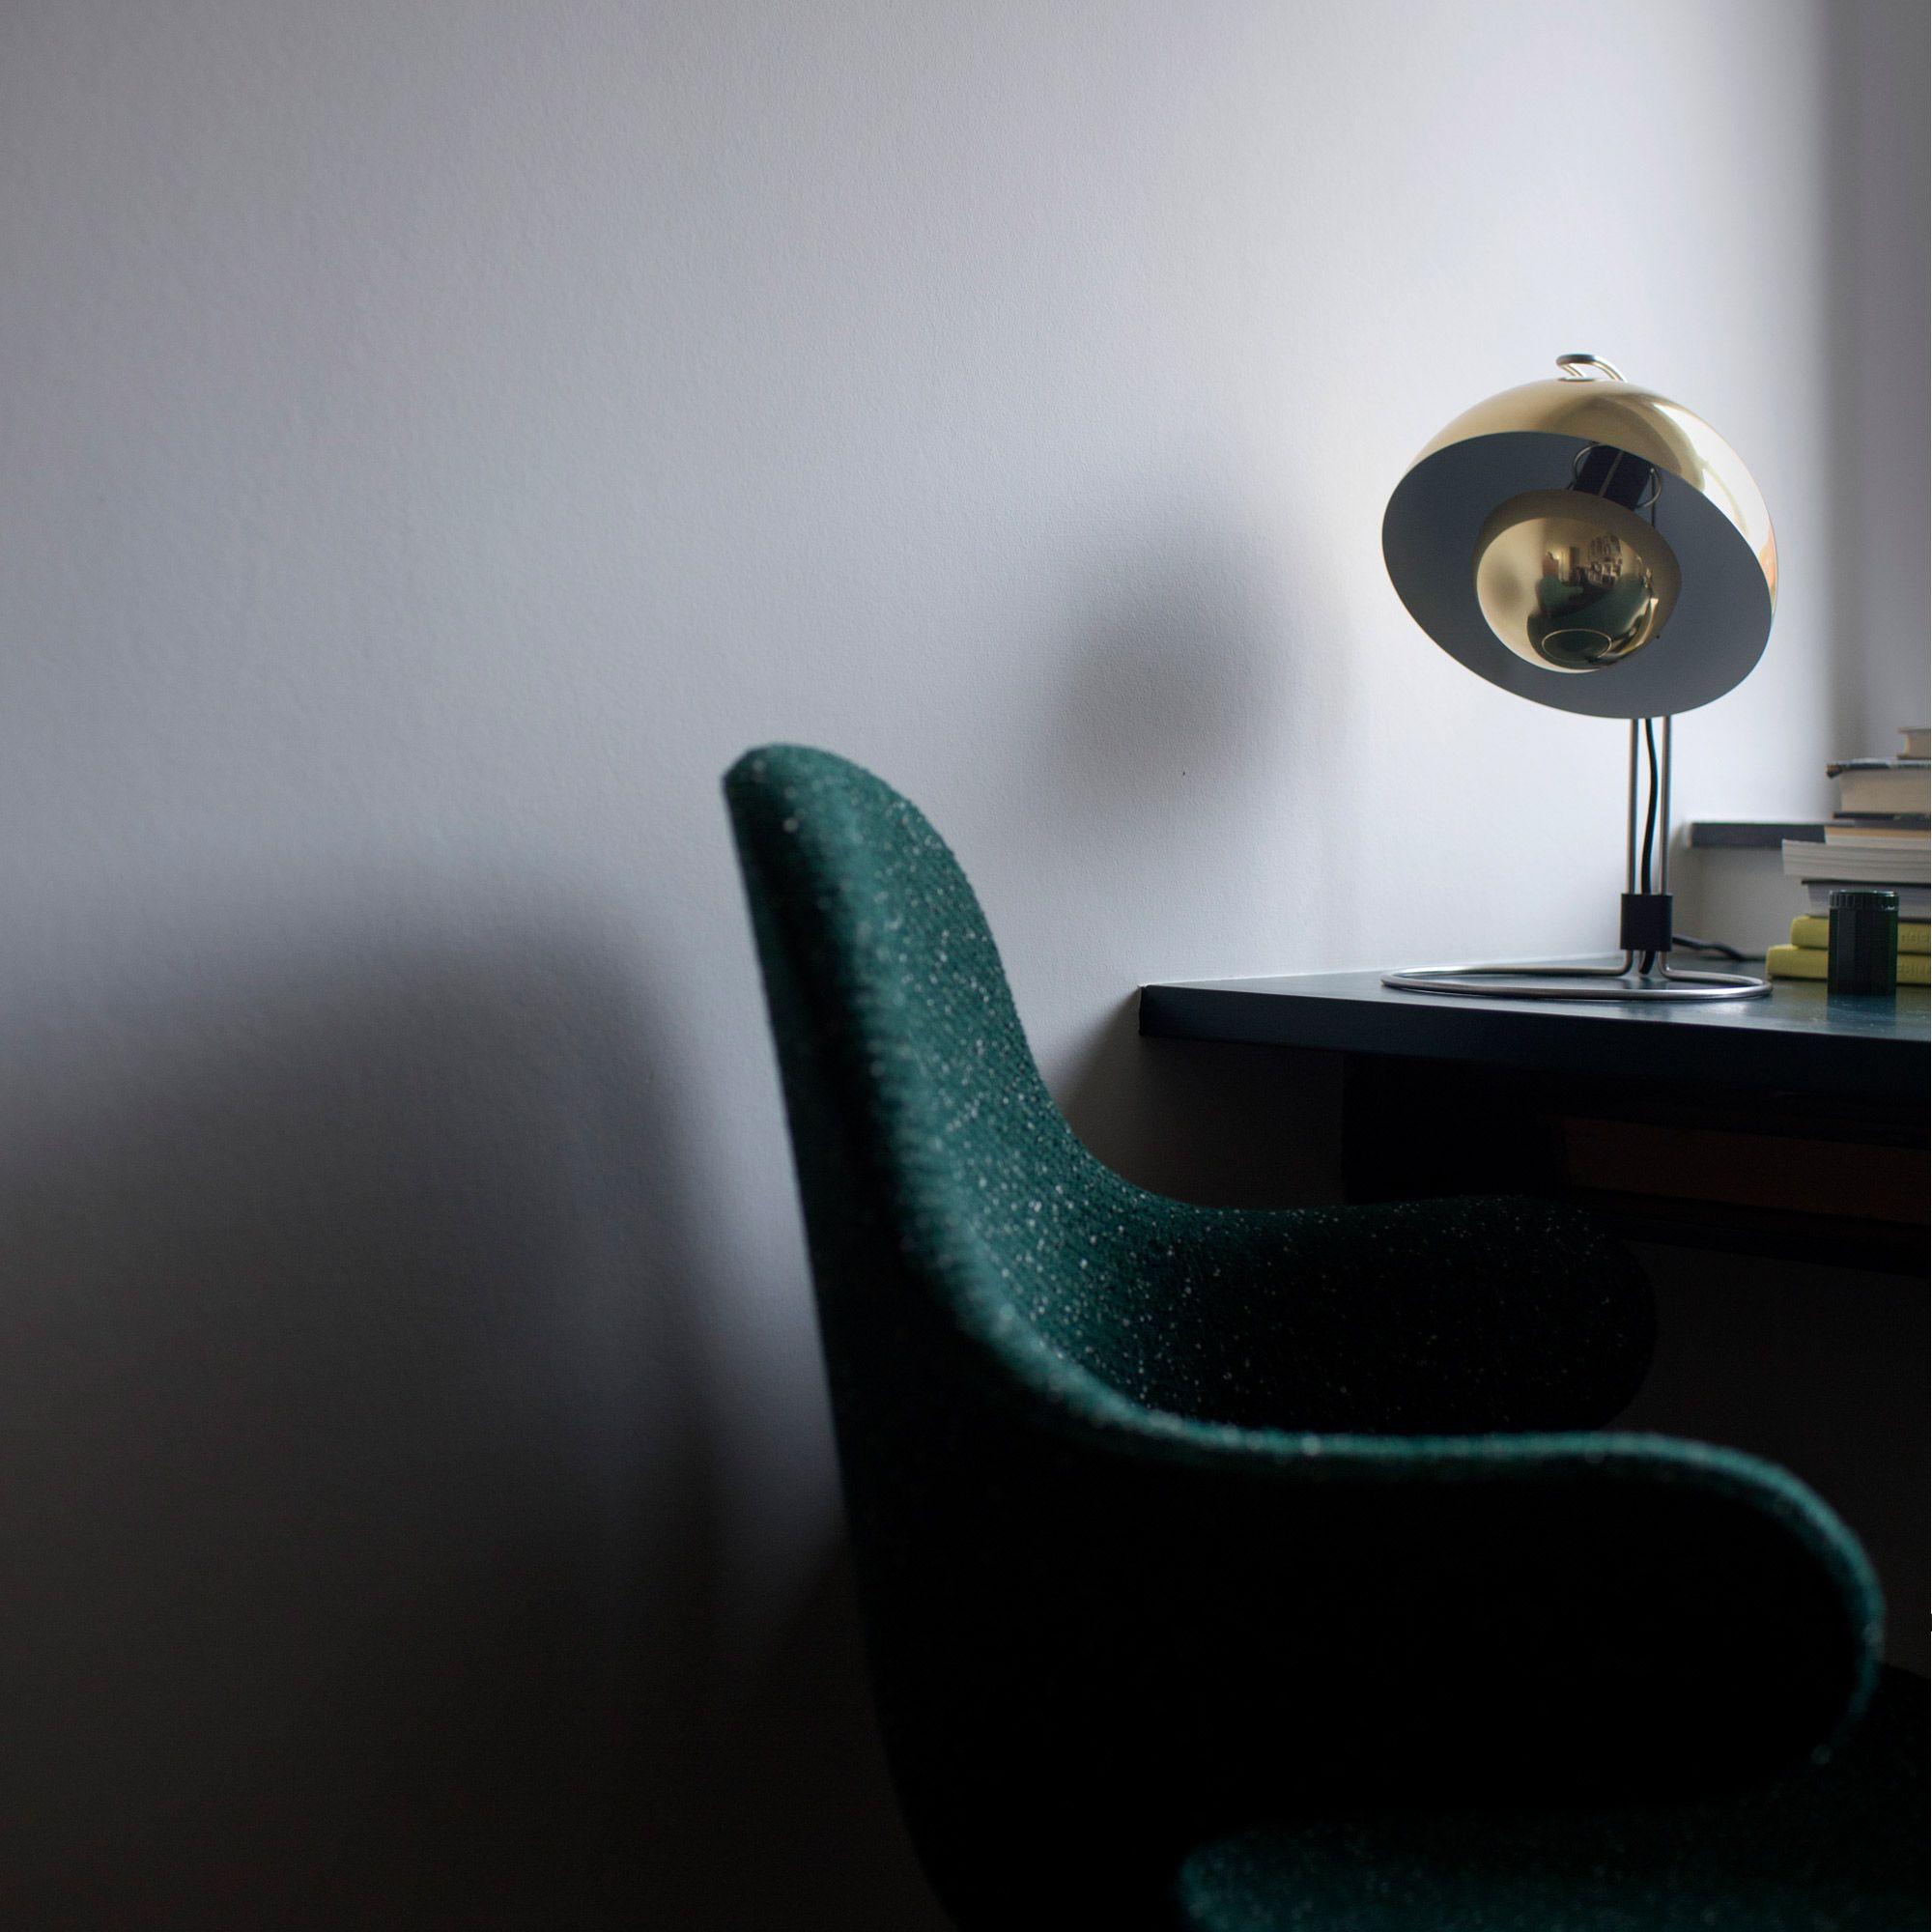 Flowerpot Lampe De Bureau Laiton Or H35cm Tradition Lampe Design